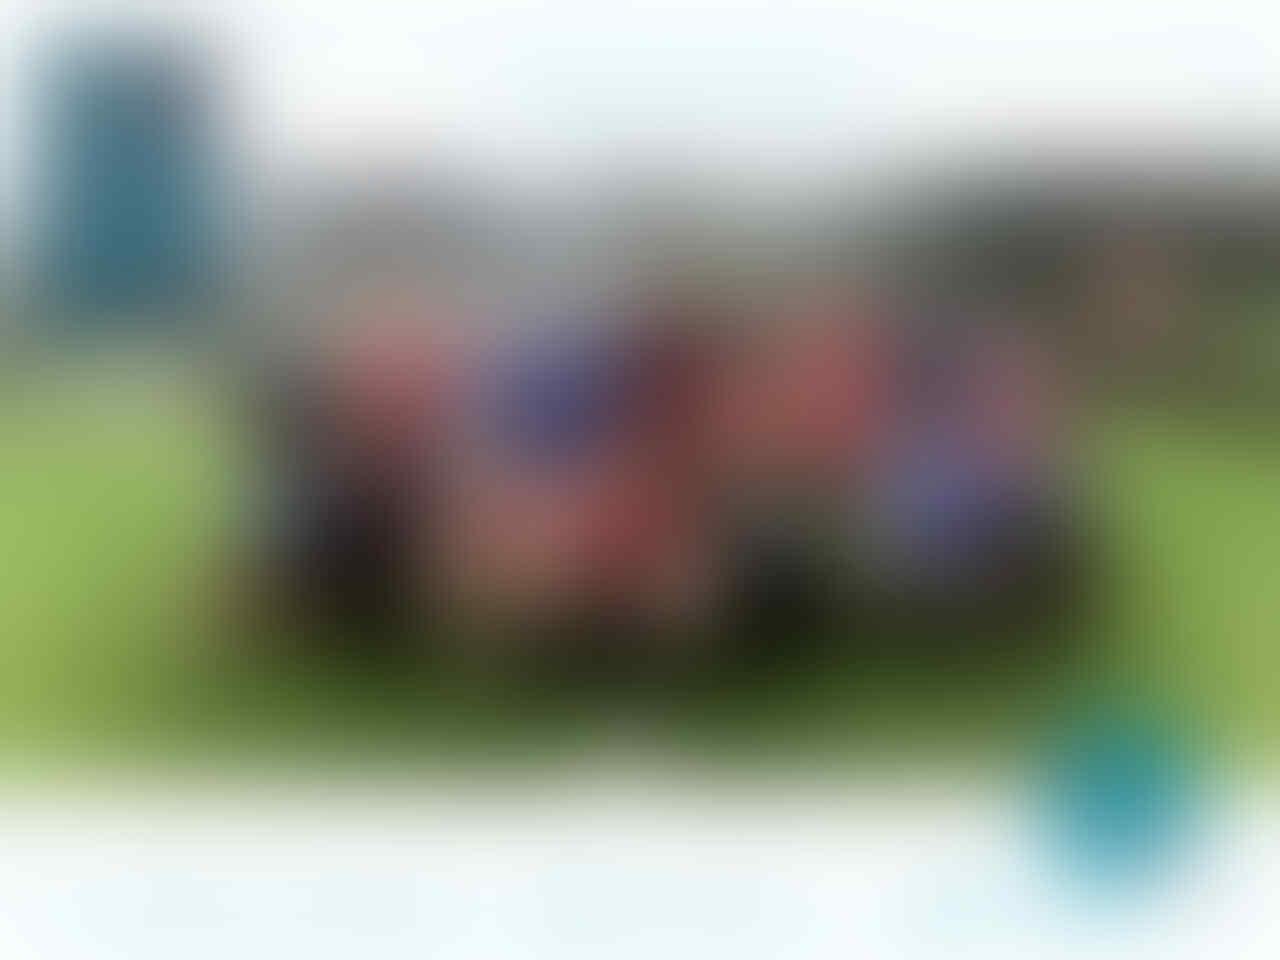 [OFFICIAL] Thread Futsal Regional Malang